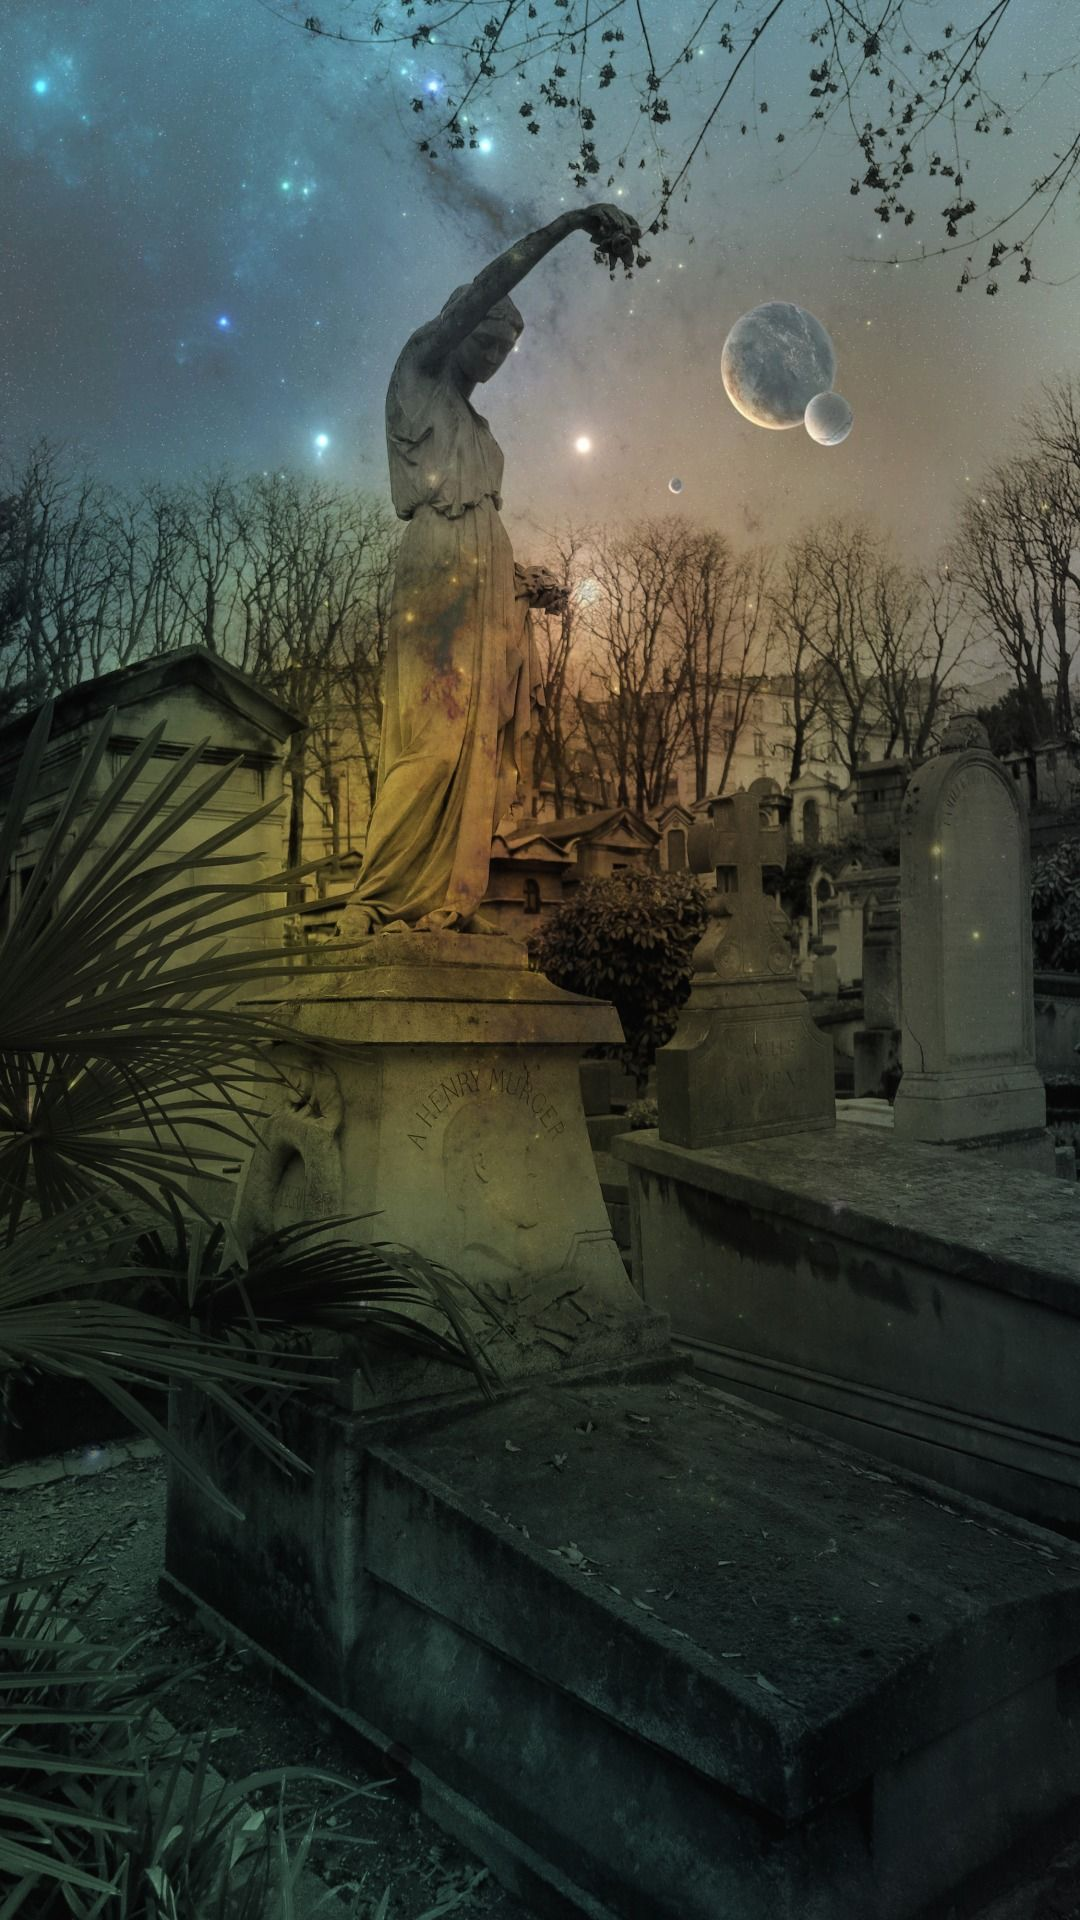 Cimetiere de Montmartre. Photographer Amber Maitrejean.